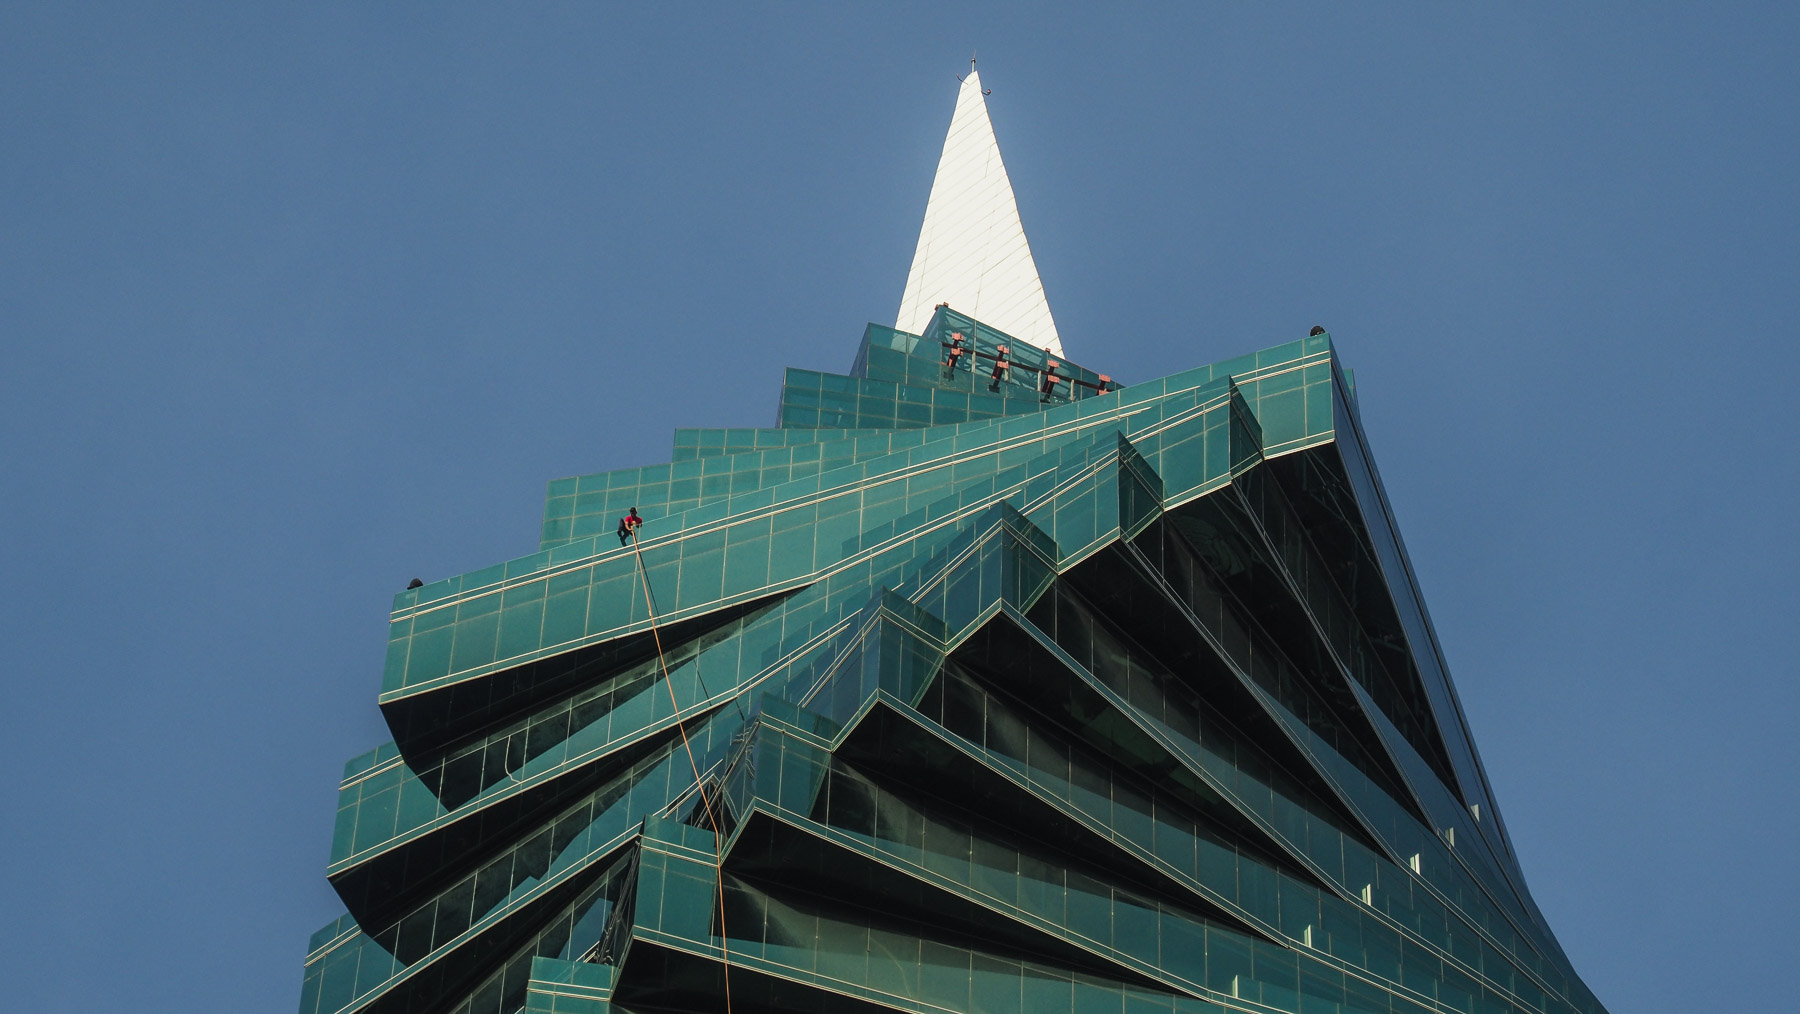 Fensterputzer in schwindelerregender Höhe